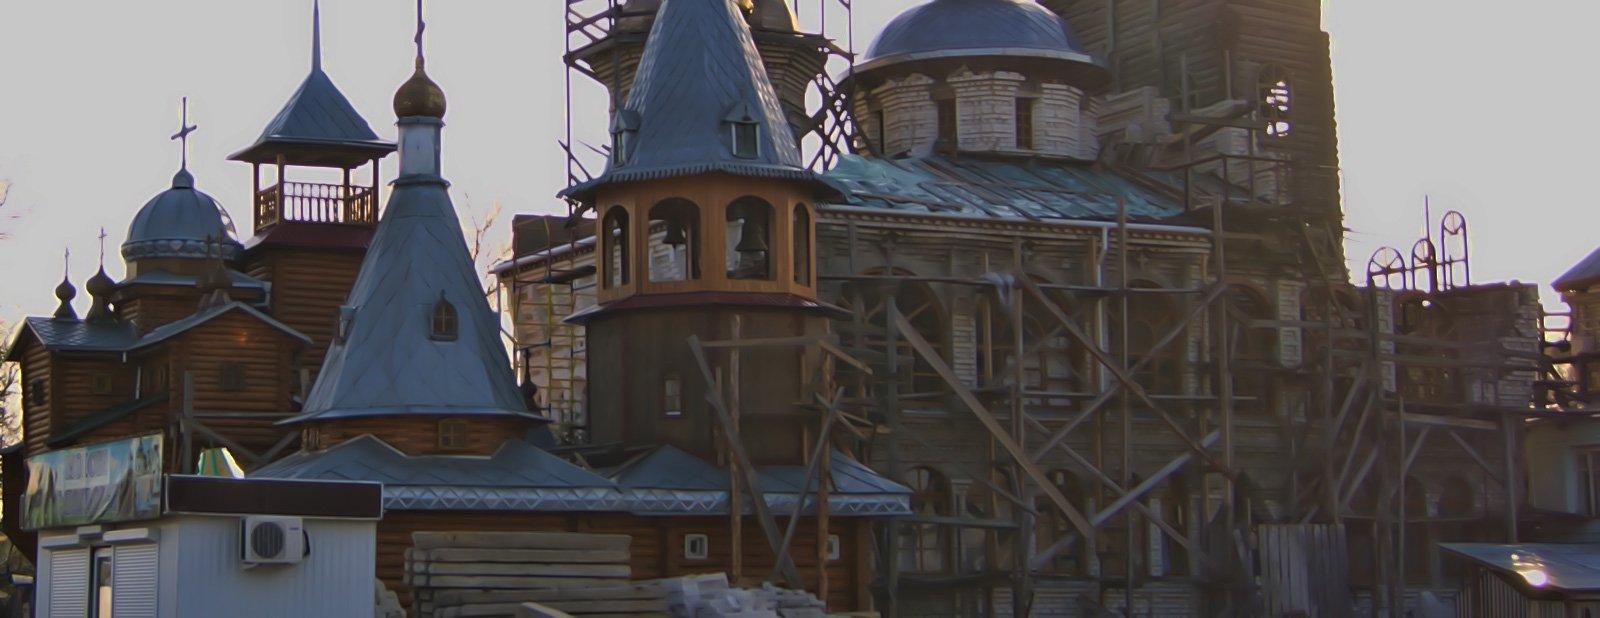 Храм Покрова Пресвятой Богородицы в Алтухово